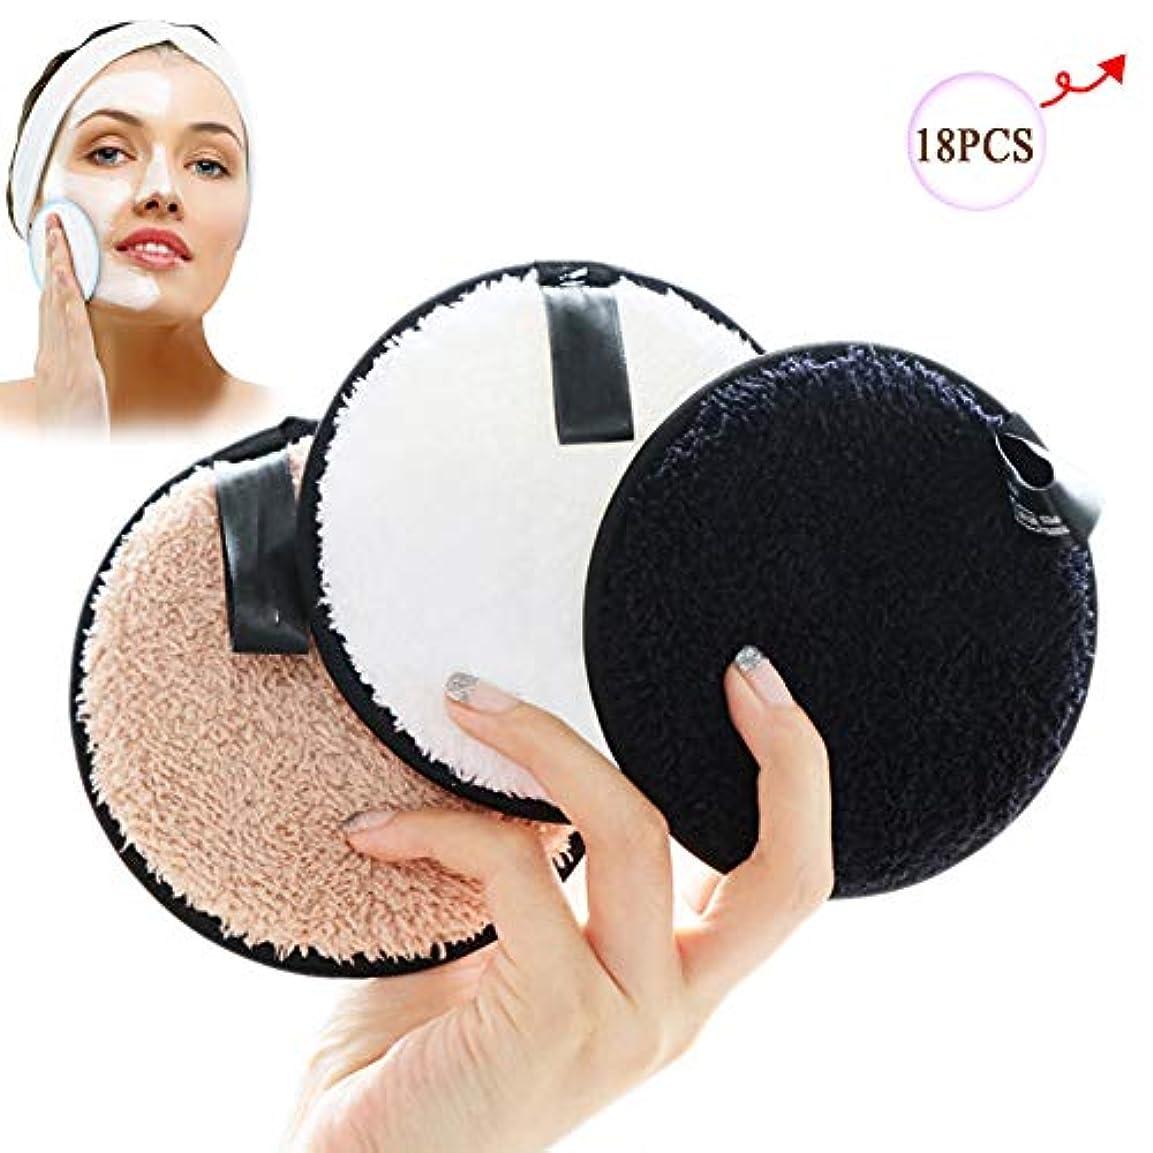 速報当社スモッグ除去剤のパッド、女性の表面/目/唇のための再使用可能な清潔になる綿繊維の構造の除去剤のワイプ,18PCS